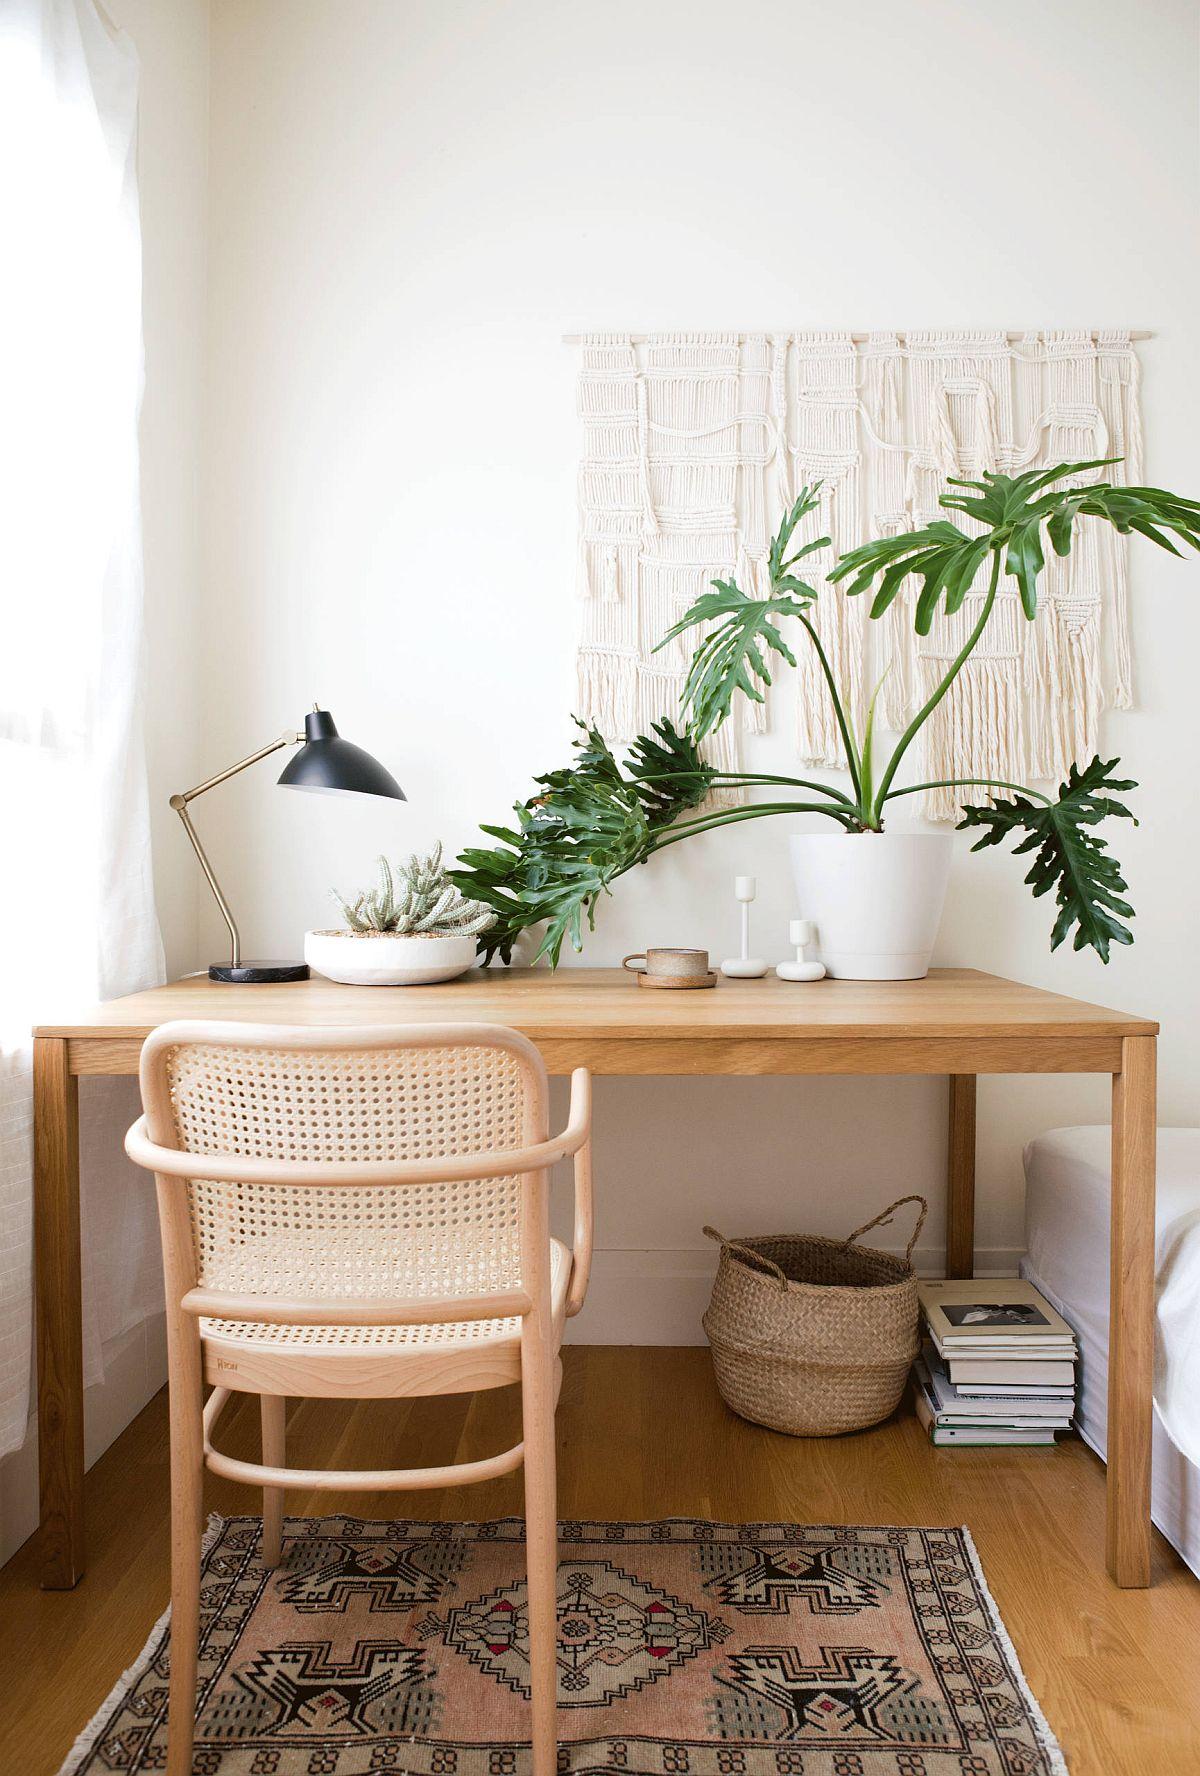 Bureau à domicile de style scandinave en bois et blanc avec une touche de vert apportée par les plantes d'intérieur